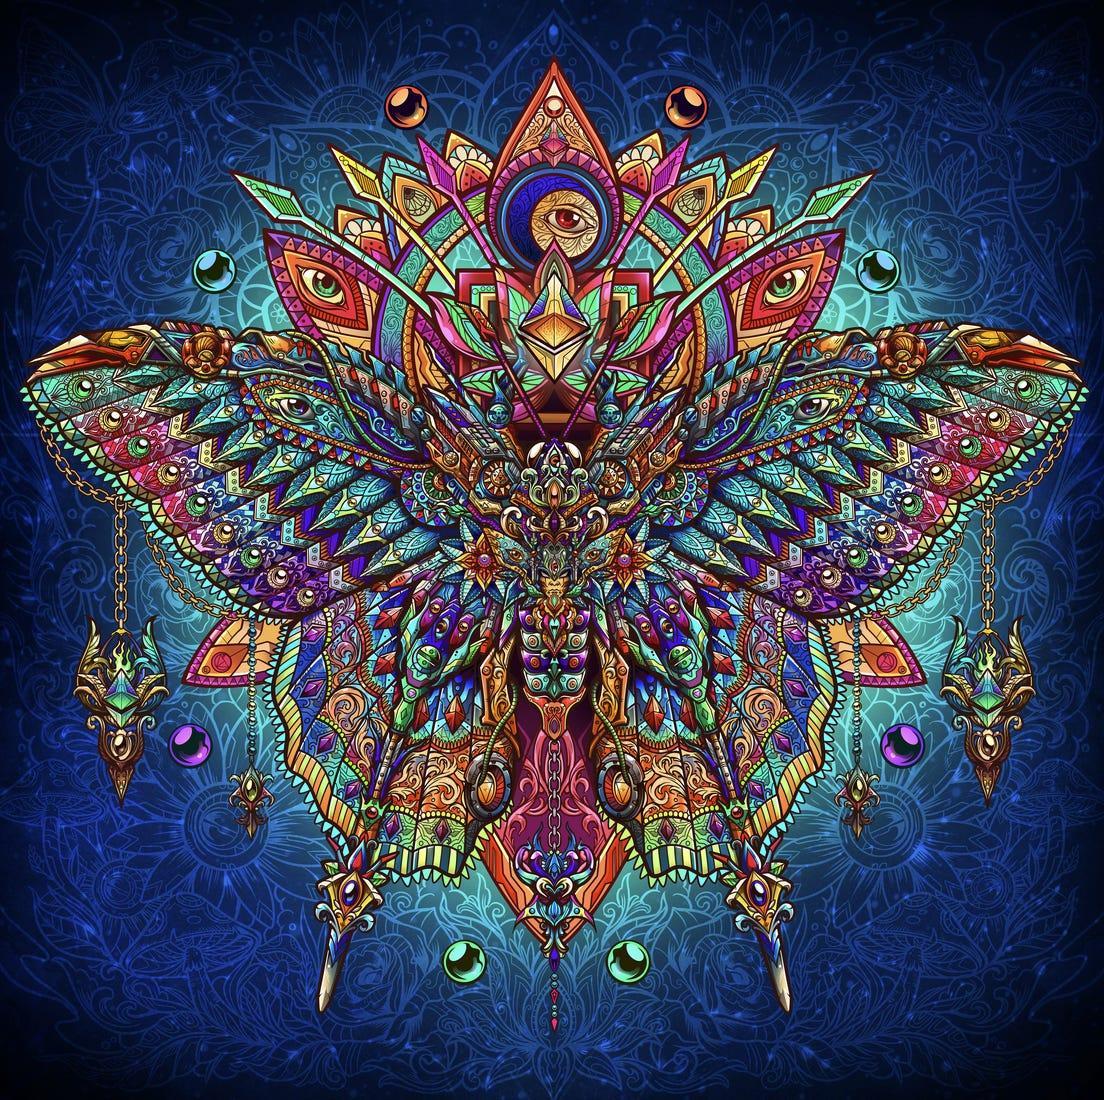 Butterfly dreams by jml2art